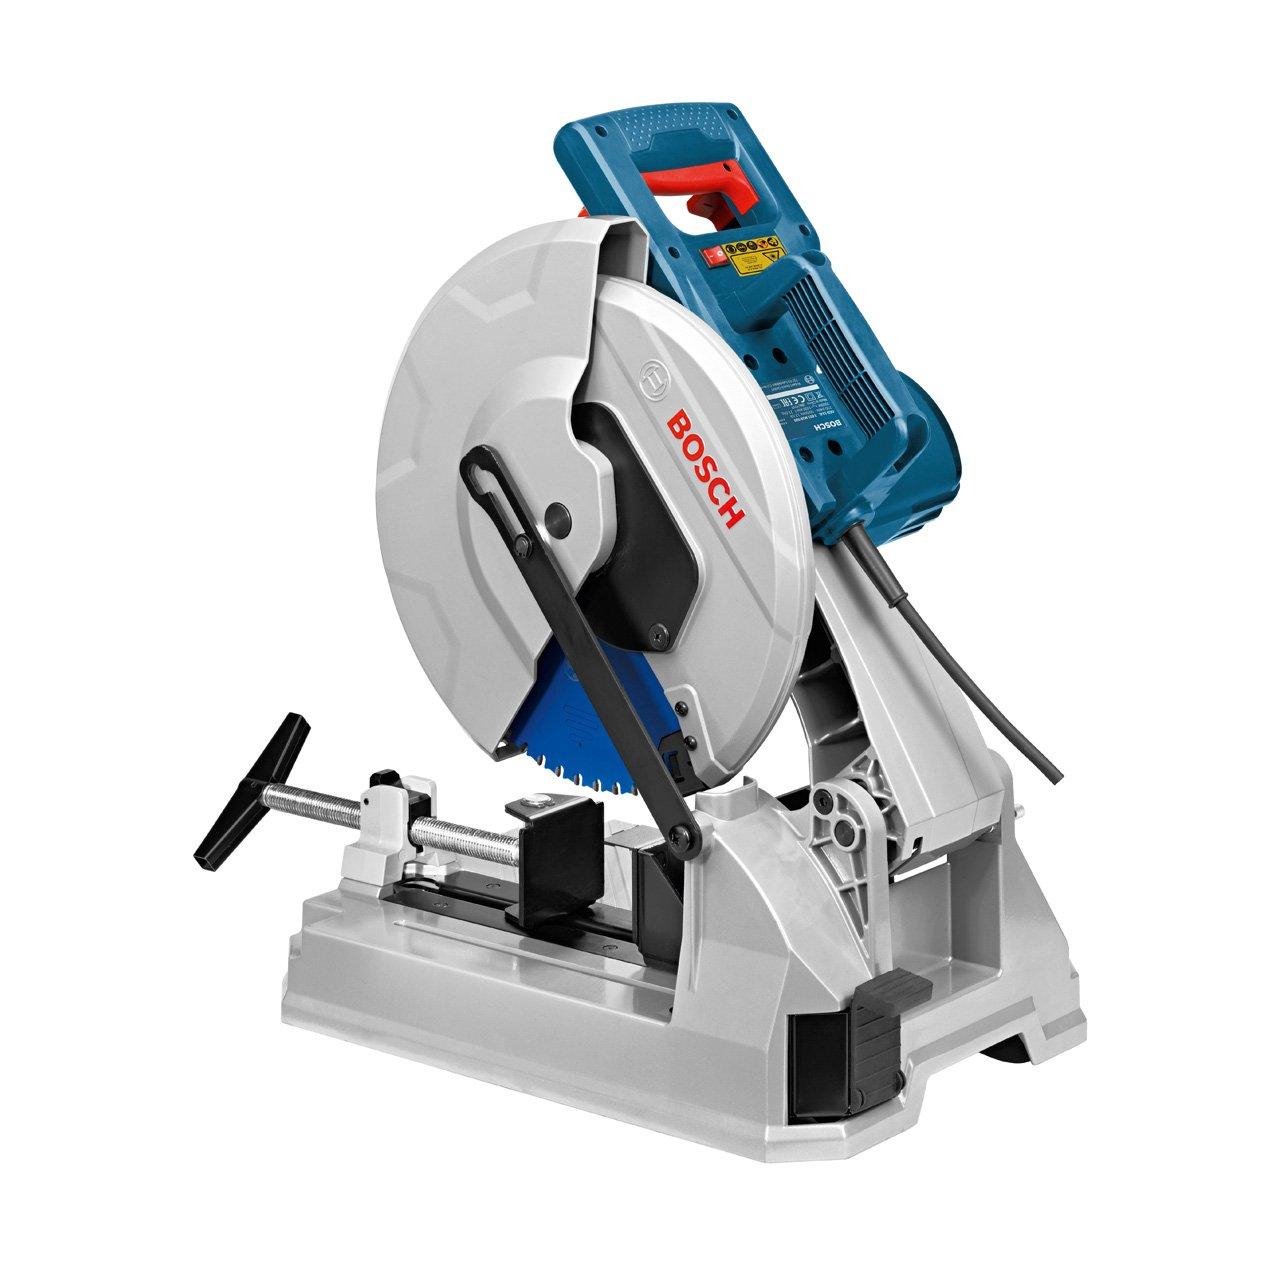 Bosch Professional GCD 12 JL, 1.500 min-1 Leerlaufdrehzahl, 20,0 kg Gewicht, Kreissägeblatt für Stahl